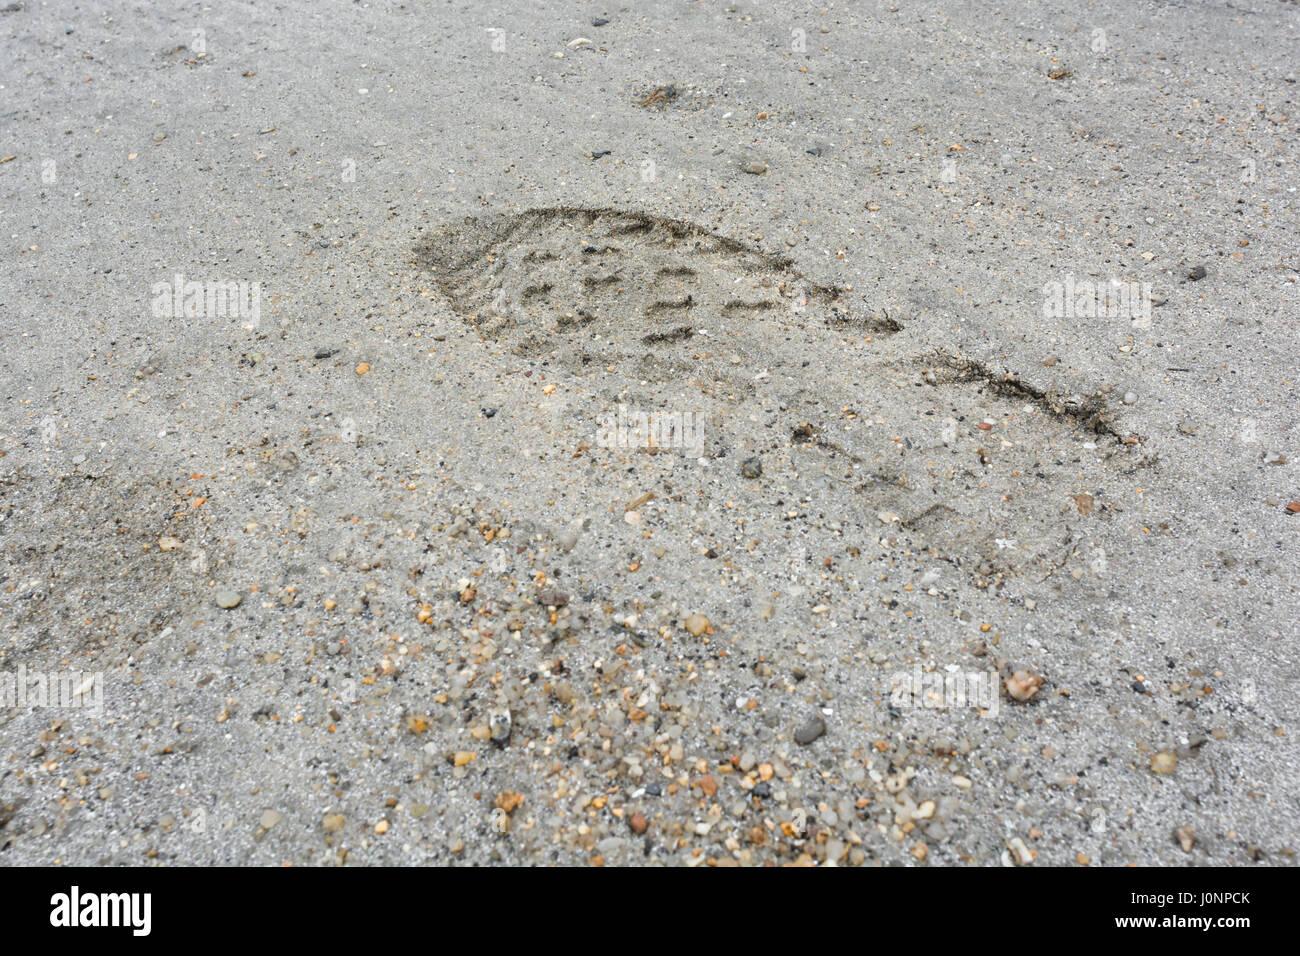 Las huellas humanas en Sandy Beach (Par, Cornualles). Posible metáfora para dejar su marca o incluso la huella Imagen De Stock